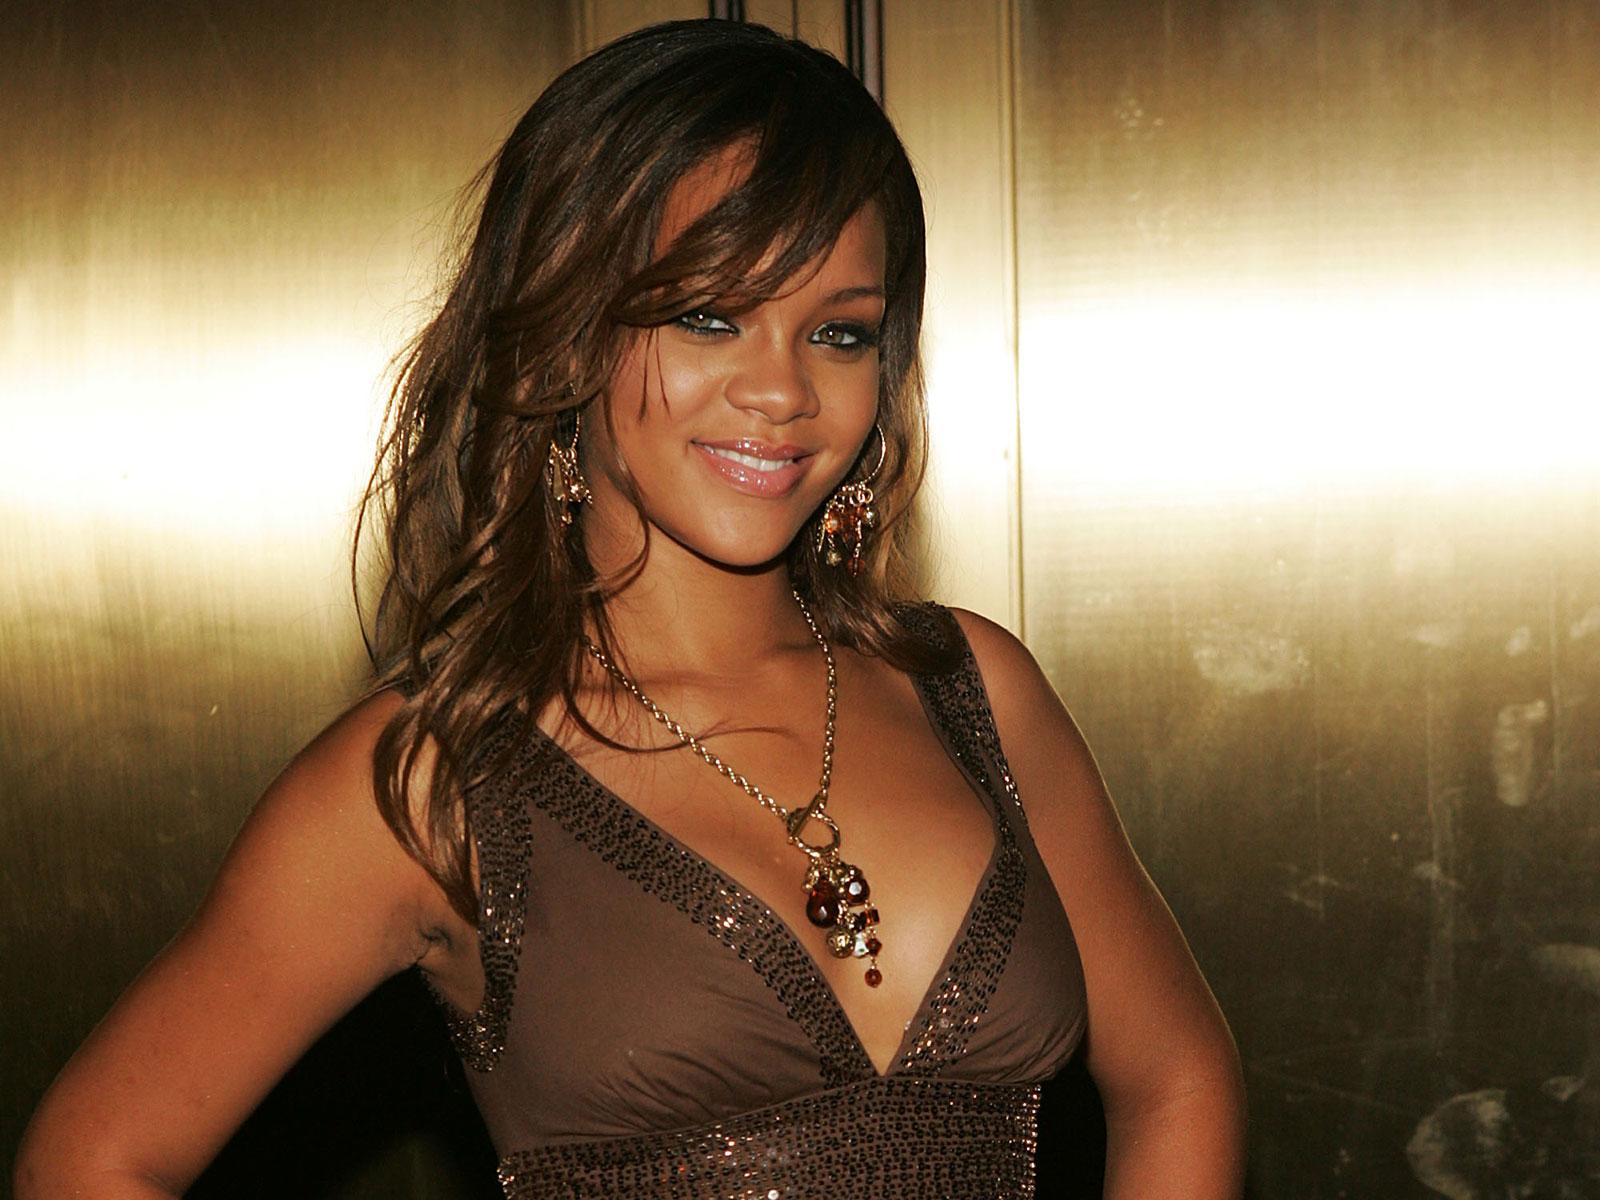 http://2.bp.blogspot.com/-vSs3HdTPpNw/T3Hkm5qaSwI/AAAAAAAAENQ/BayPXR-r598/s1600/Rihanna+1.jpg